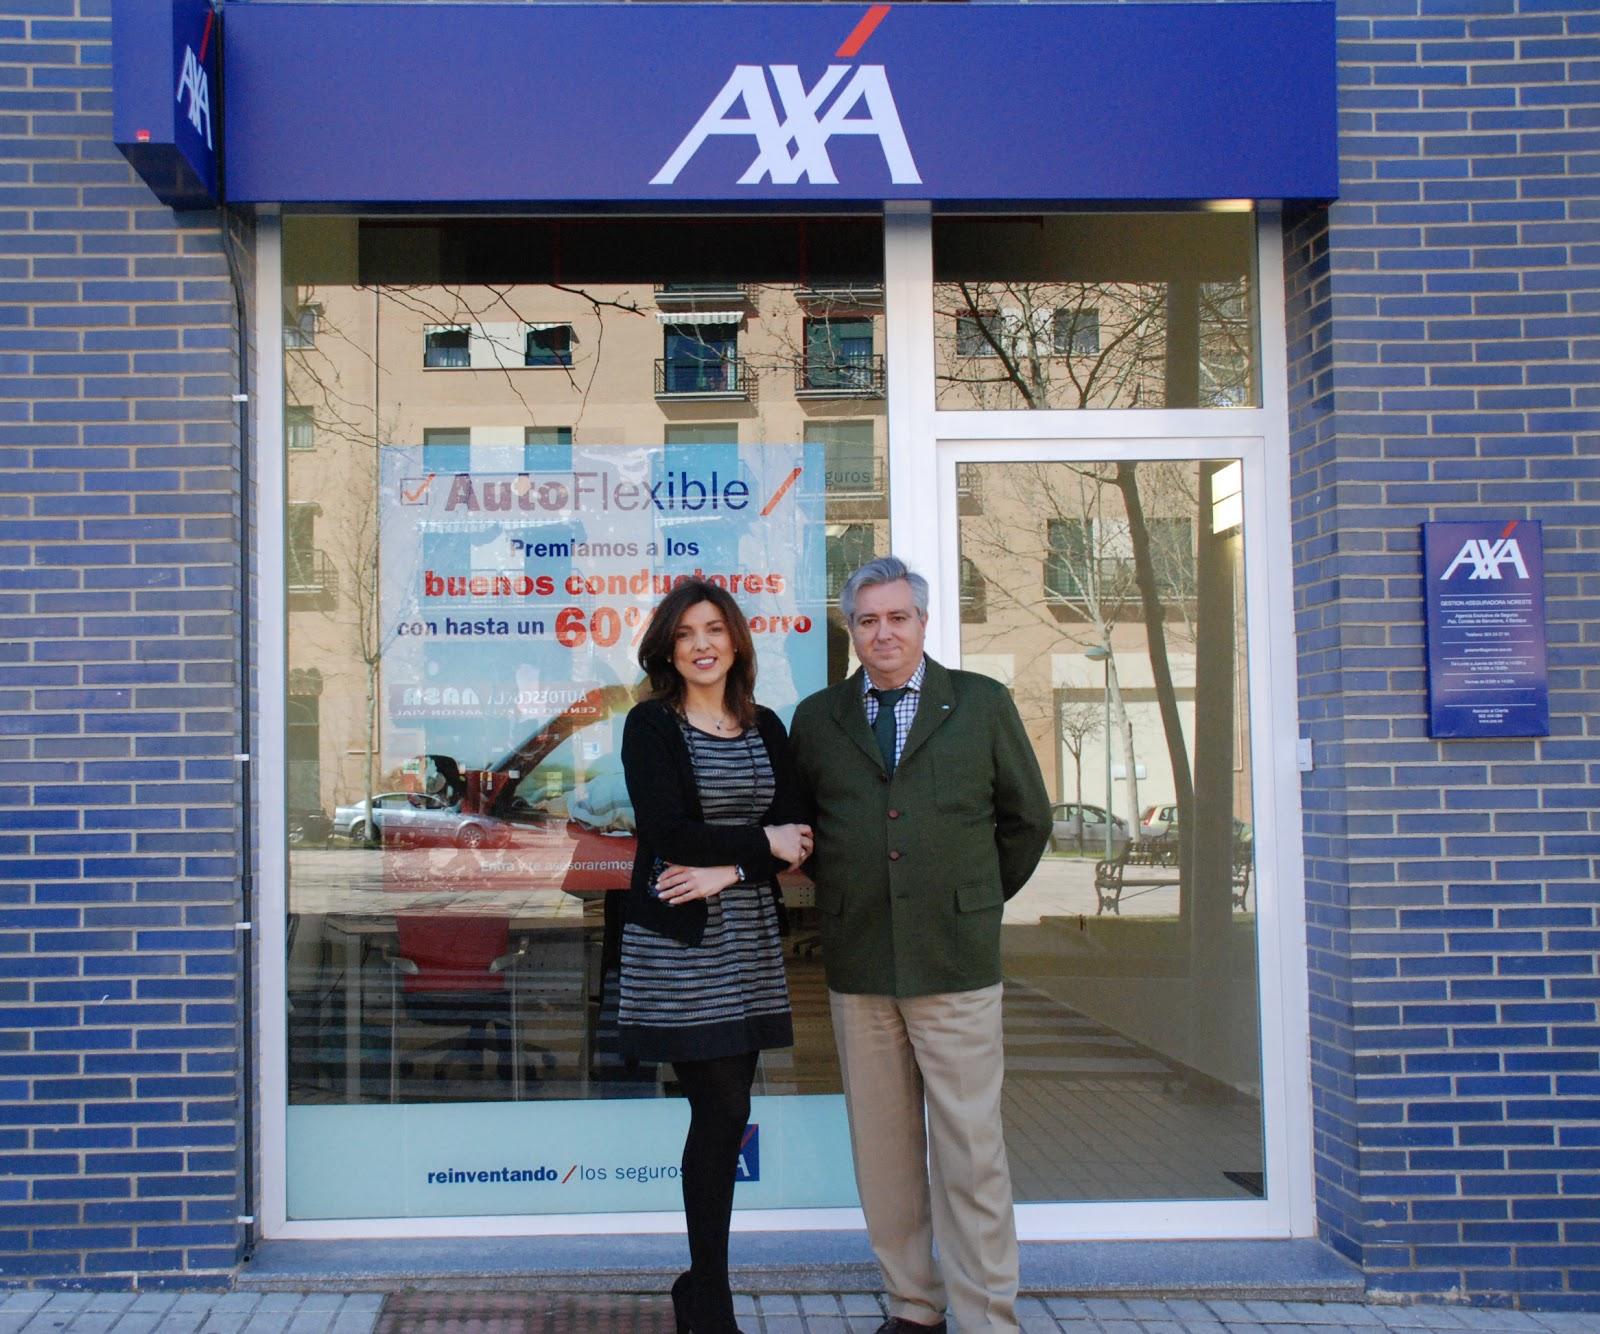 Axa refuerza su apuesta por extremadura con una nueva for Axa seguros sevilla oficinas